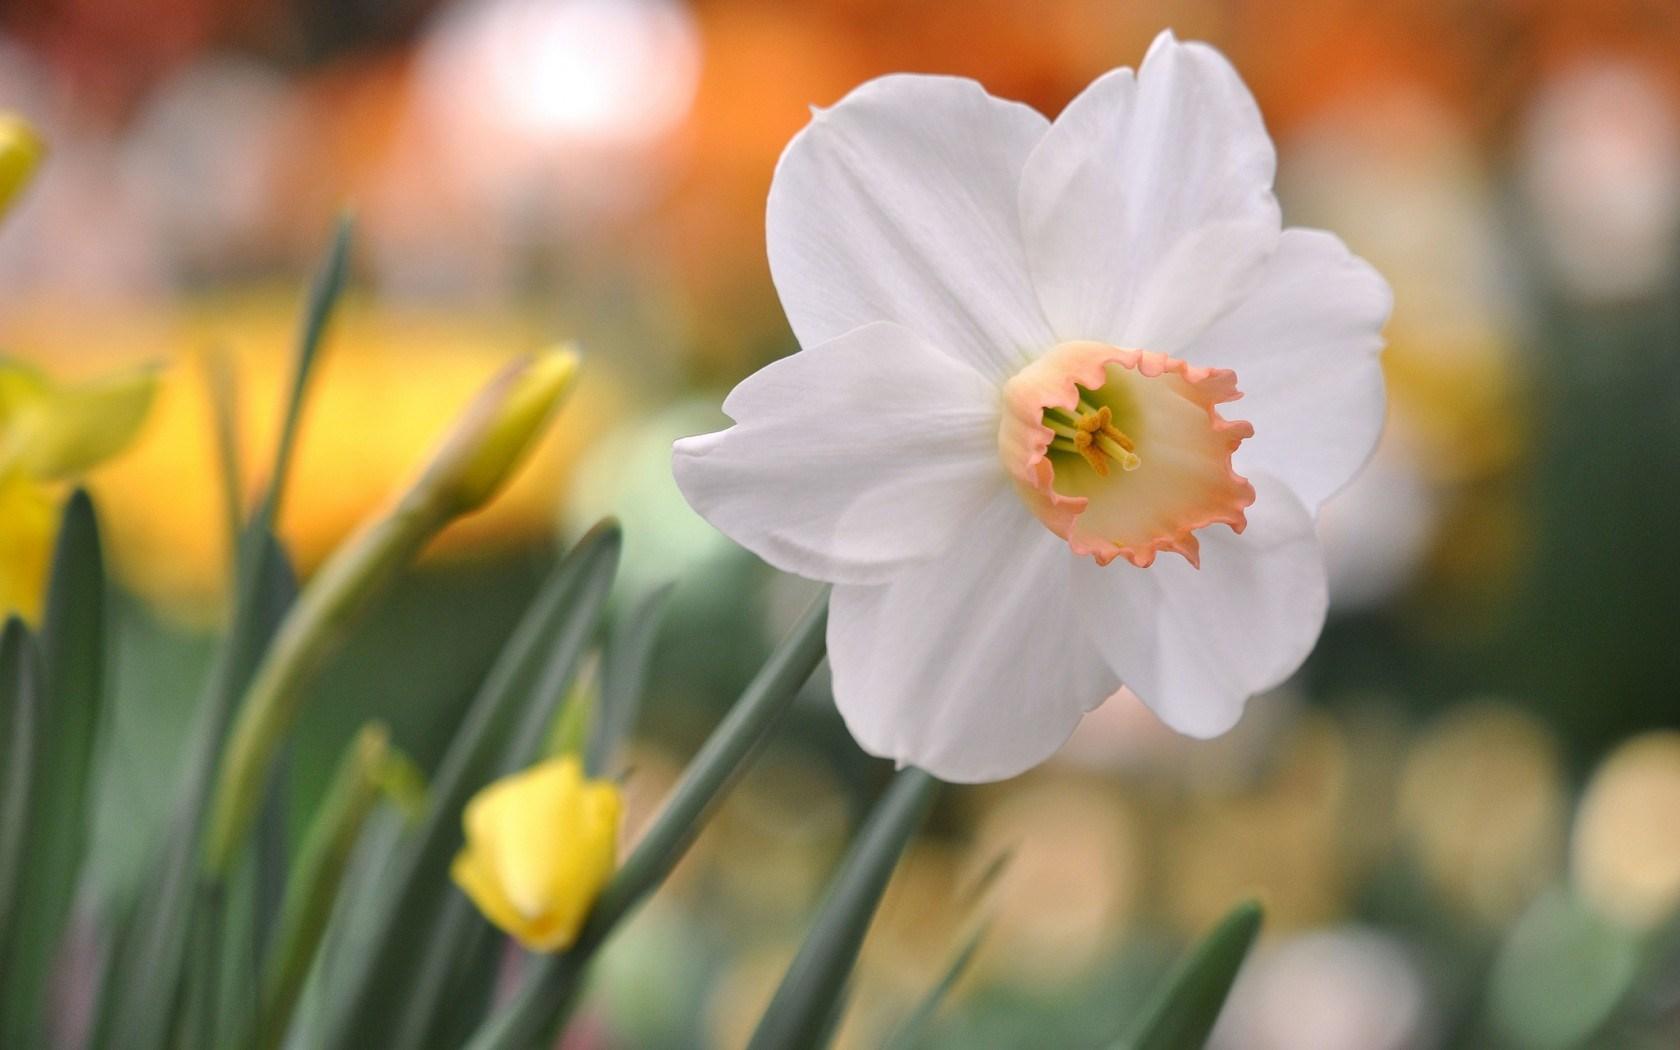 flower daffodil glare - HD Desktop Wallpapers | 4k HD